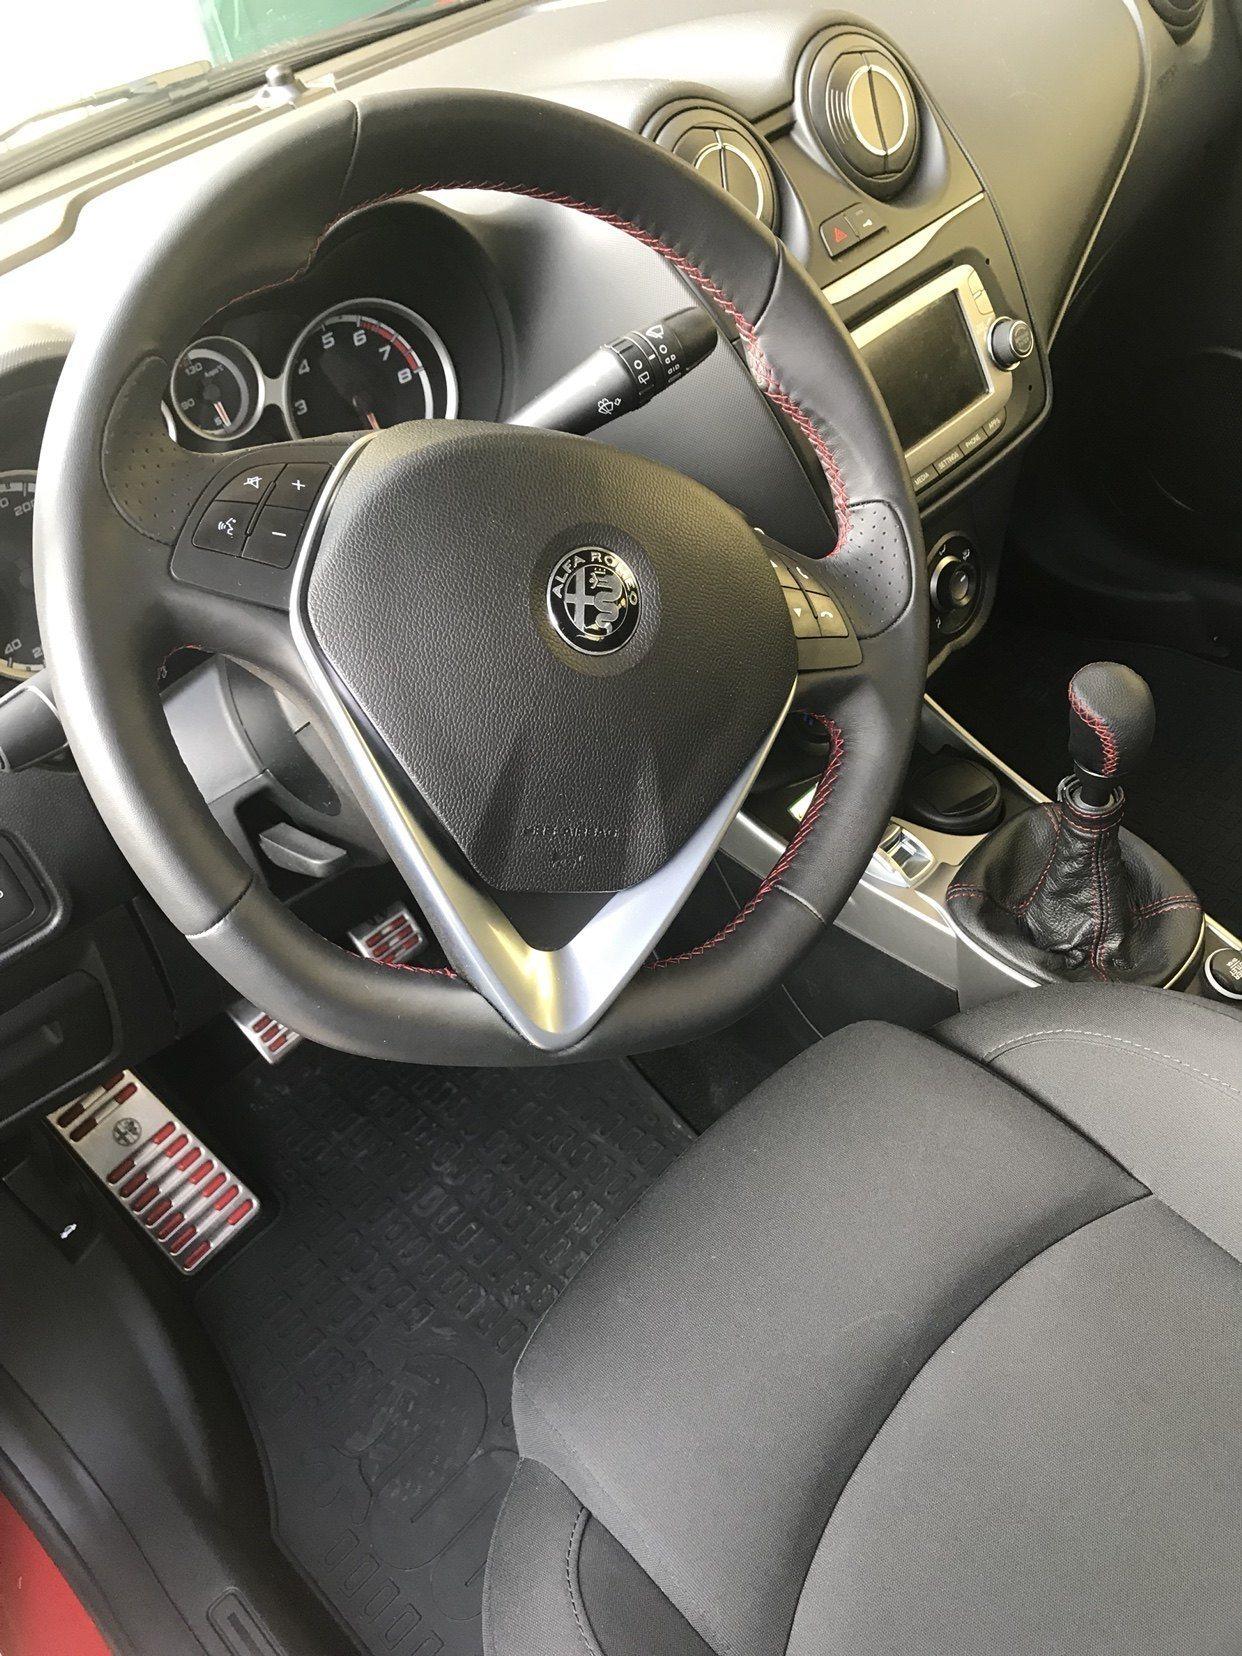 foto Alfa Romeo MiTo - 1.3 jtdm2 - Distinctive -  nero pastello - MB - 3